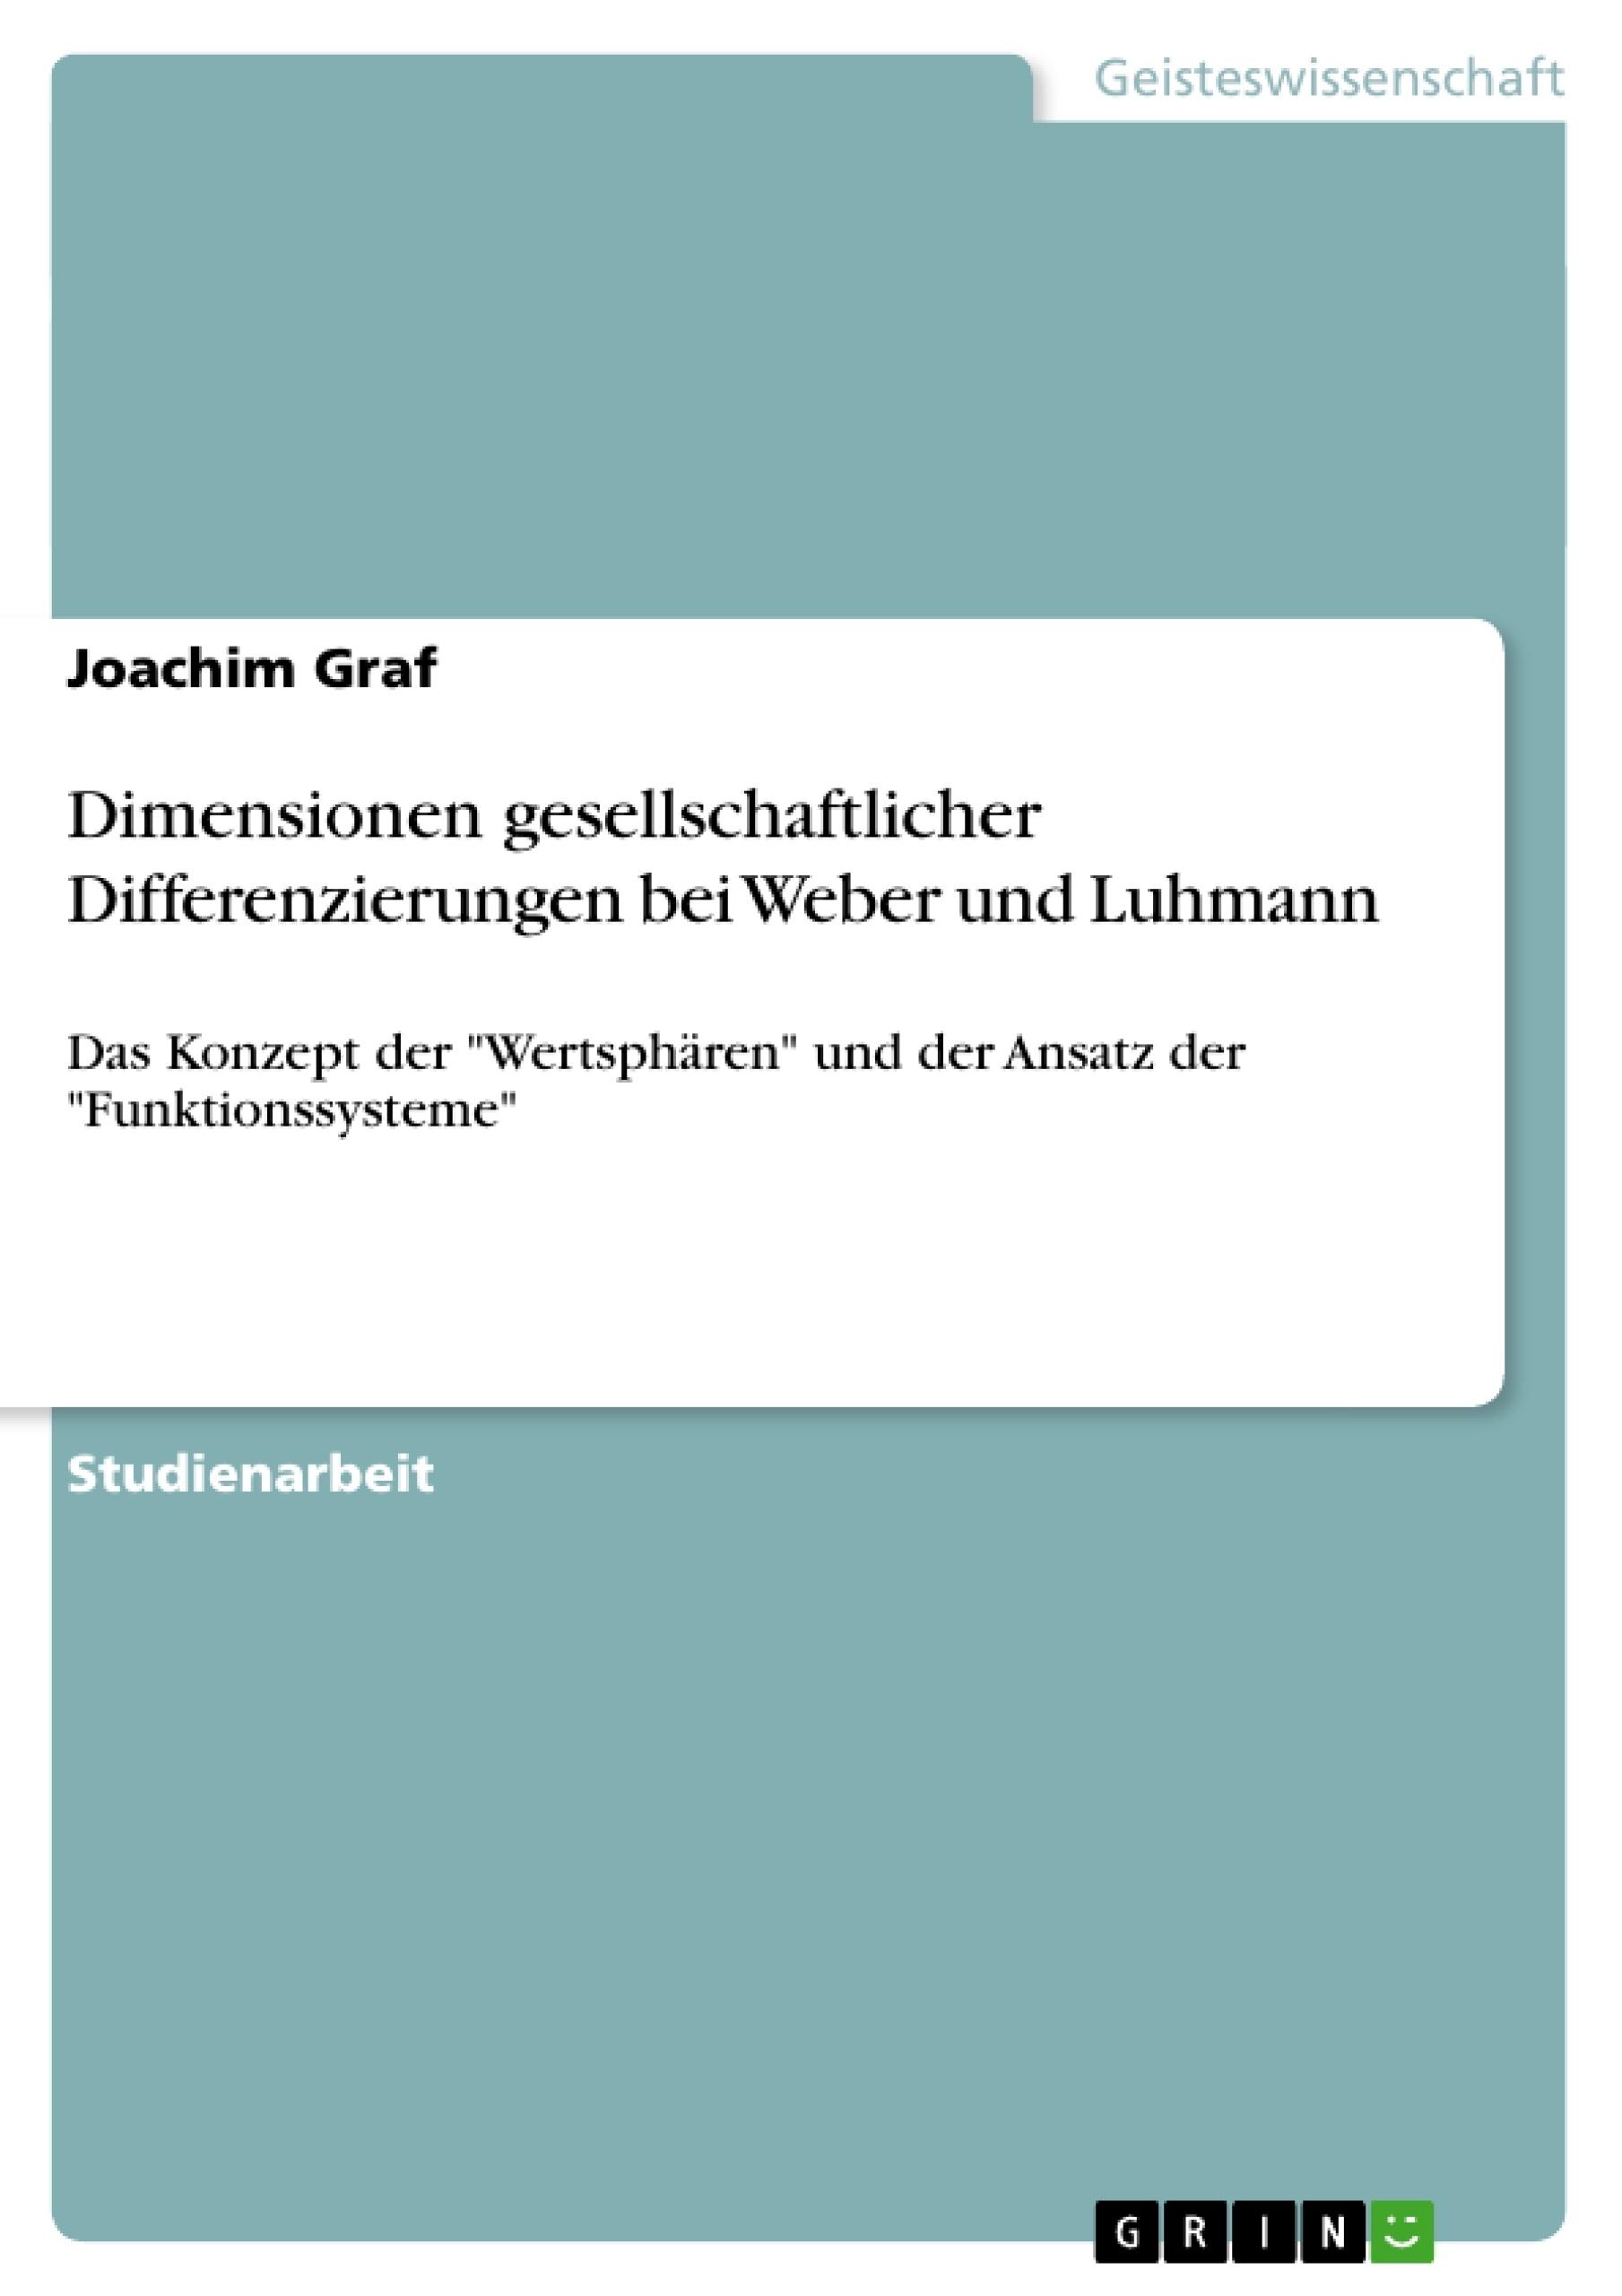 Titel: Dimensionen gesellschaftlicher Differenzierungen bei Weber und Luhmann